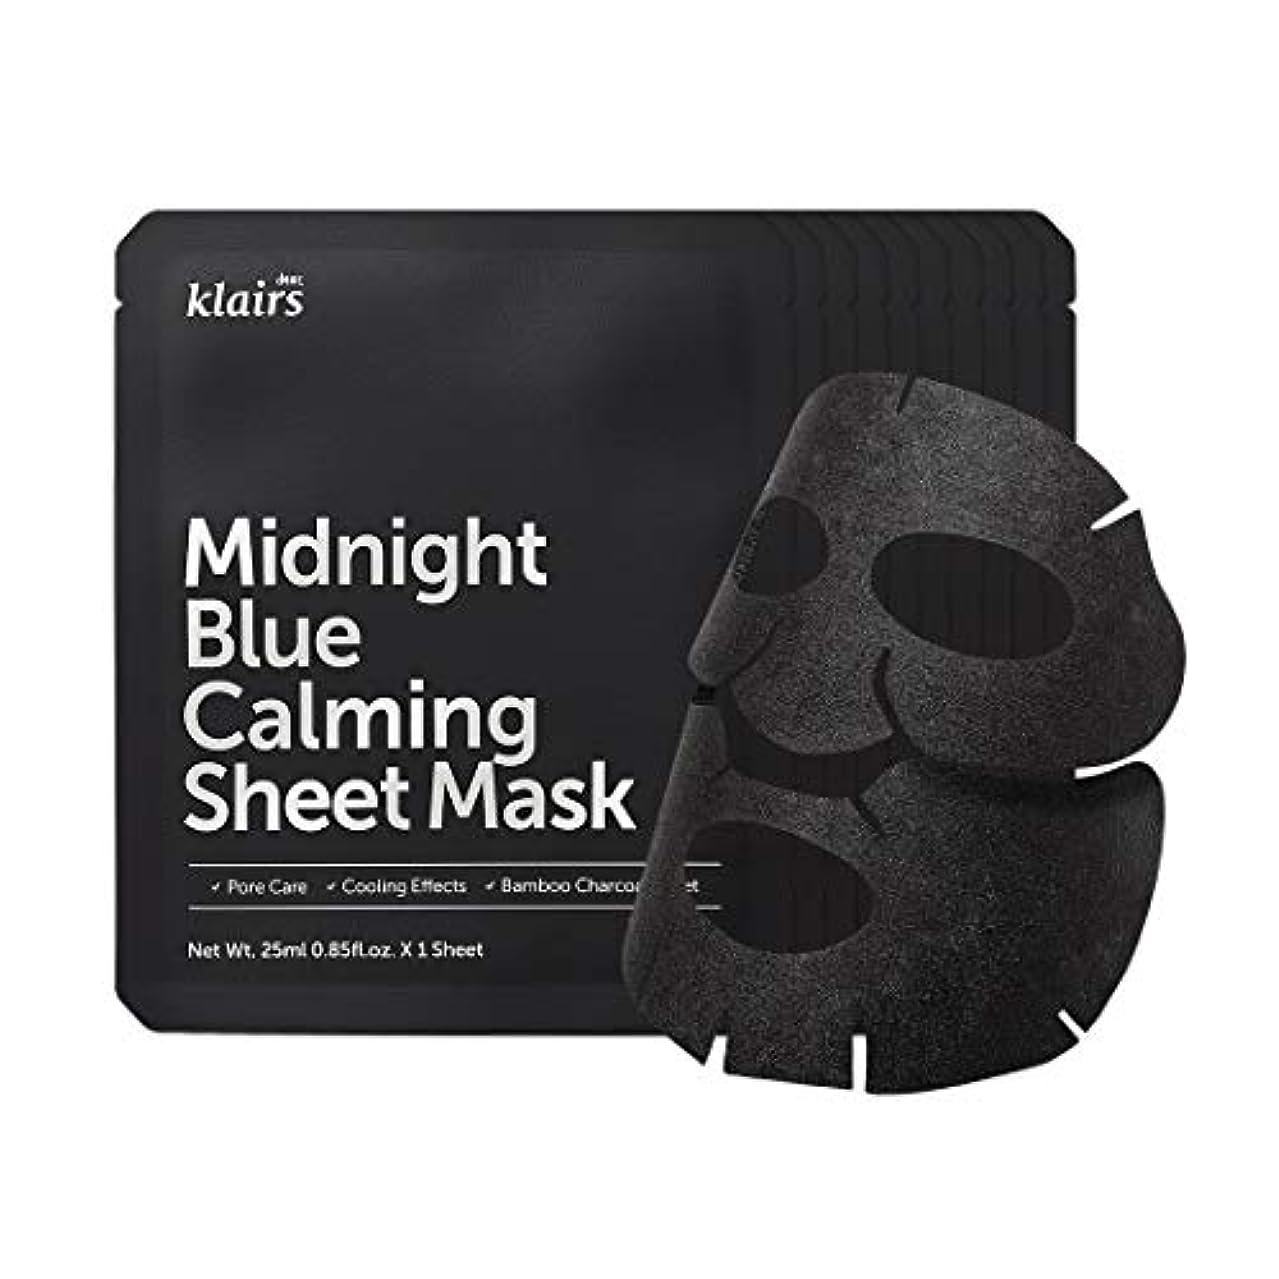 ゴシップお嬢暫定のクレアスミッドナイトブルーカーミングクリーム25mlX10枚セット (Klairs Midnight Blue Calming Sheet Mask 25mlX10ea) [並行輸入品]